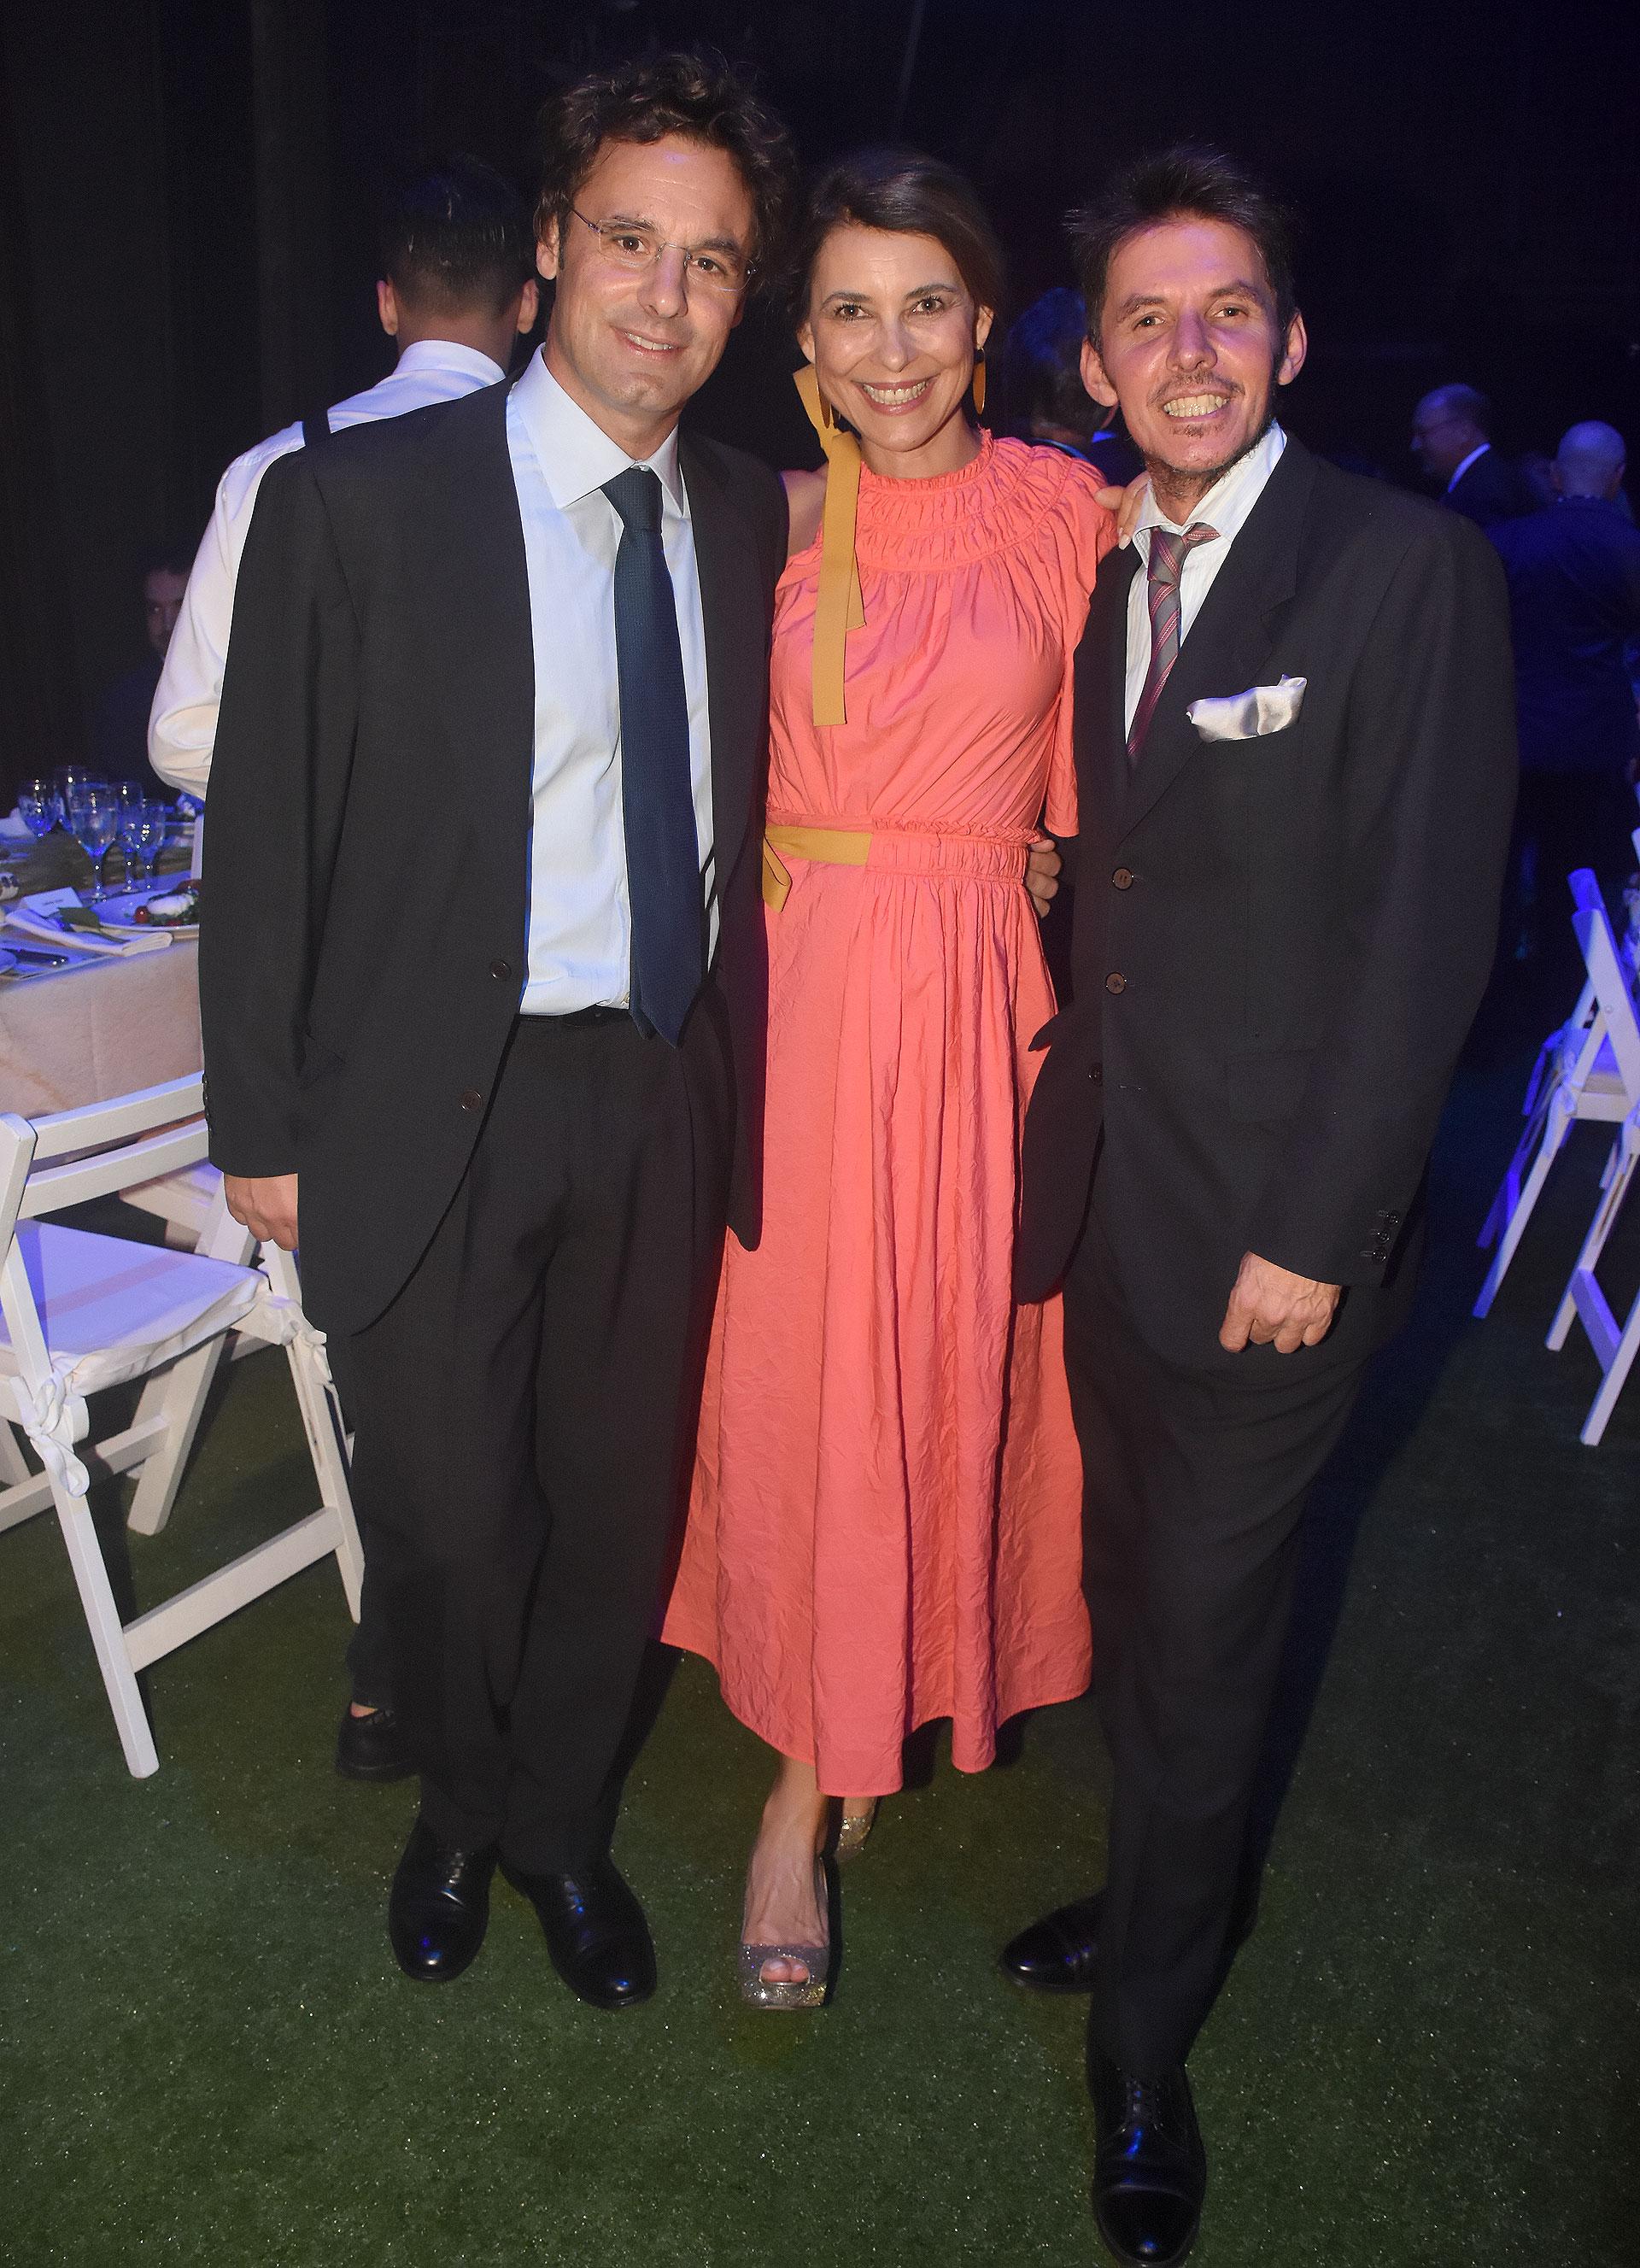 Ludovico Rocca y su mujer Adriana Batan de Rocca junto a Gerard Confalonieri